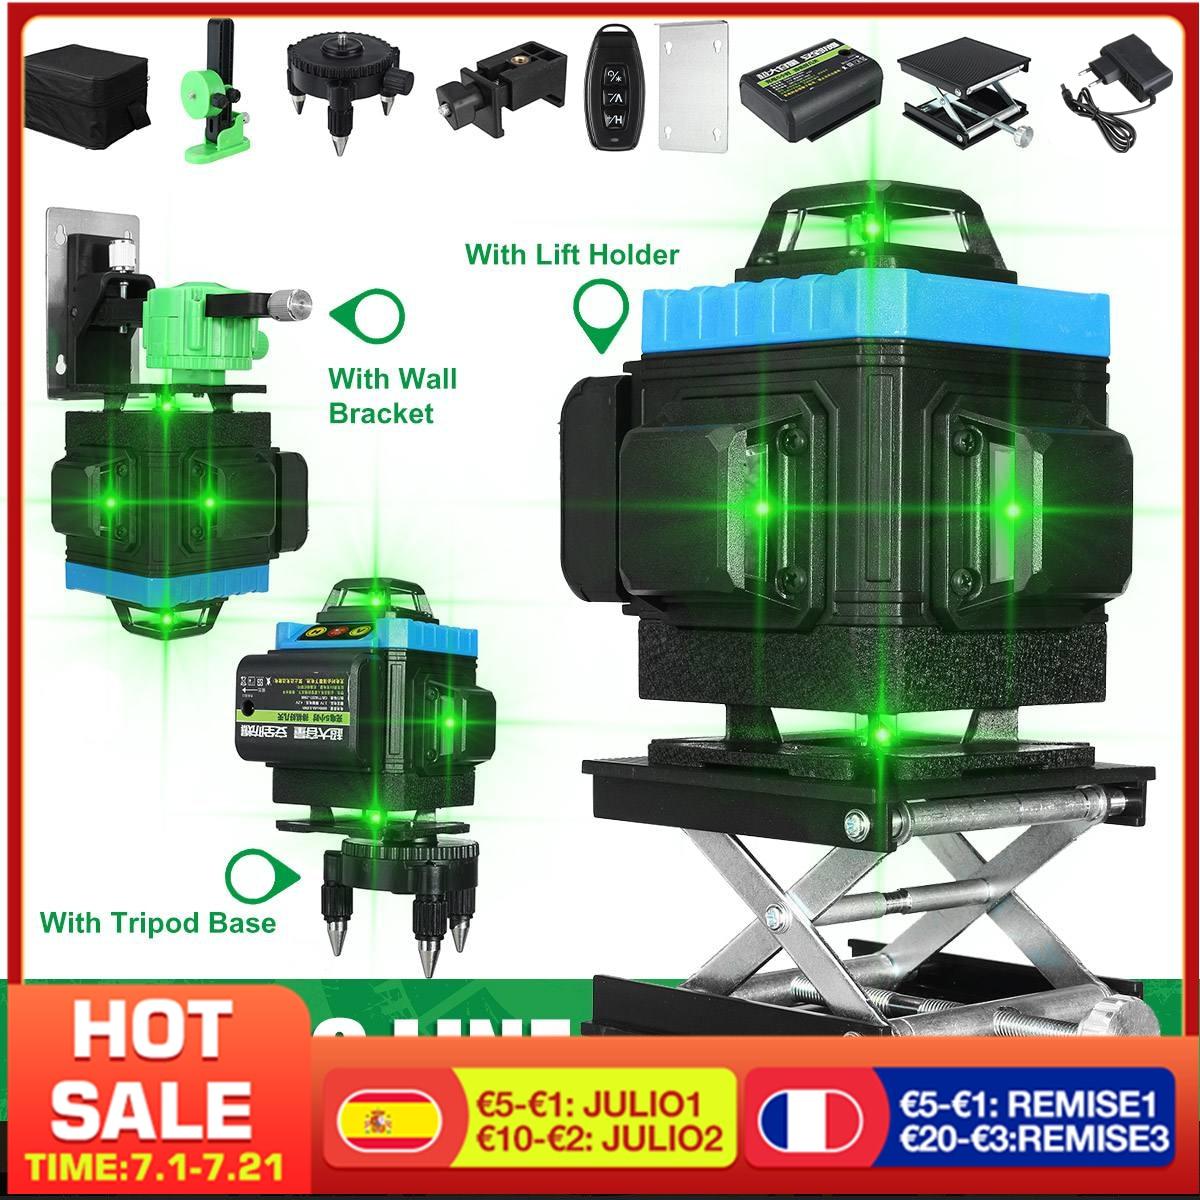 مستوى الليزر الأخضر رباعي الأبعاد ذو 16 سطرًا ذاتي الاستواء ، جهاز تحكم عن بعد لاسلكي ، 360 خطوط متقاطعة أفقية ورأسية مع بطارية وحامل حائط